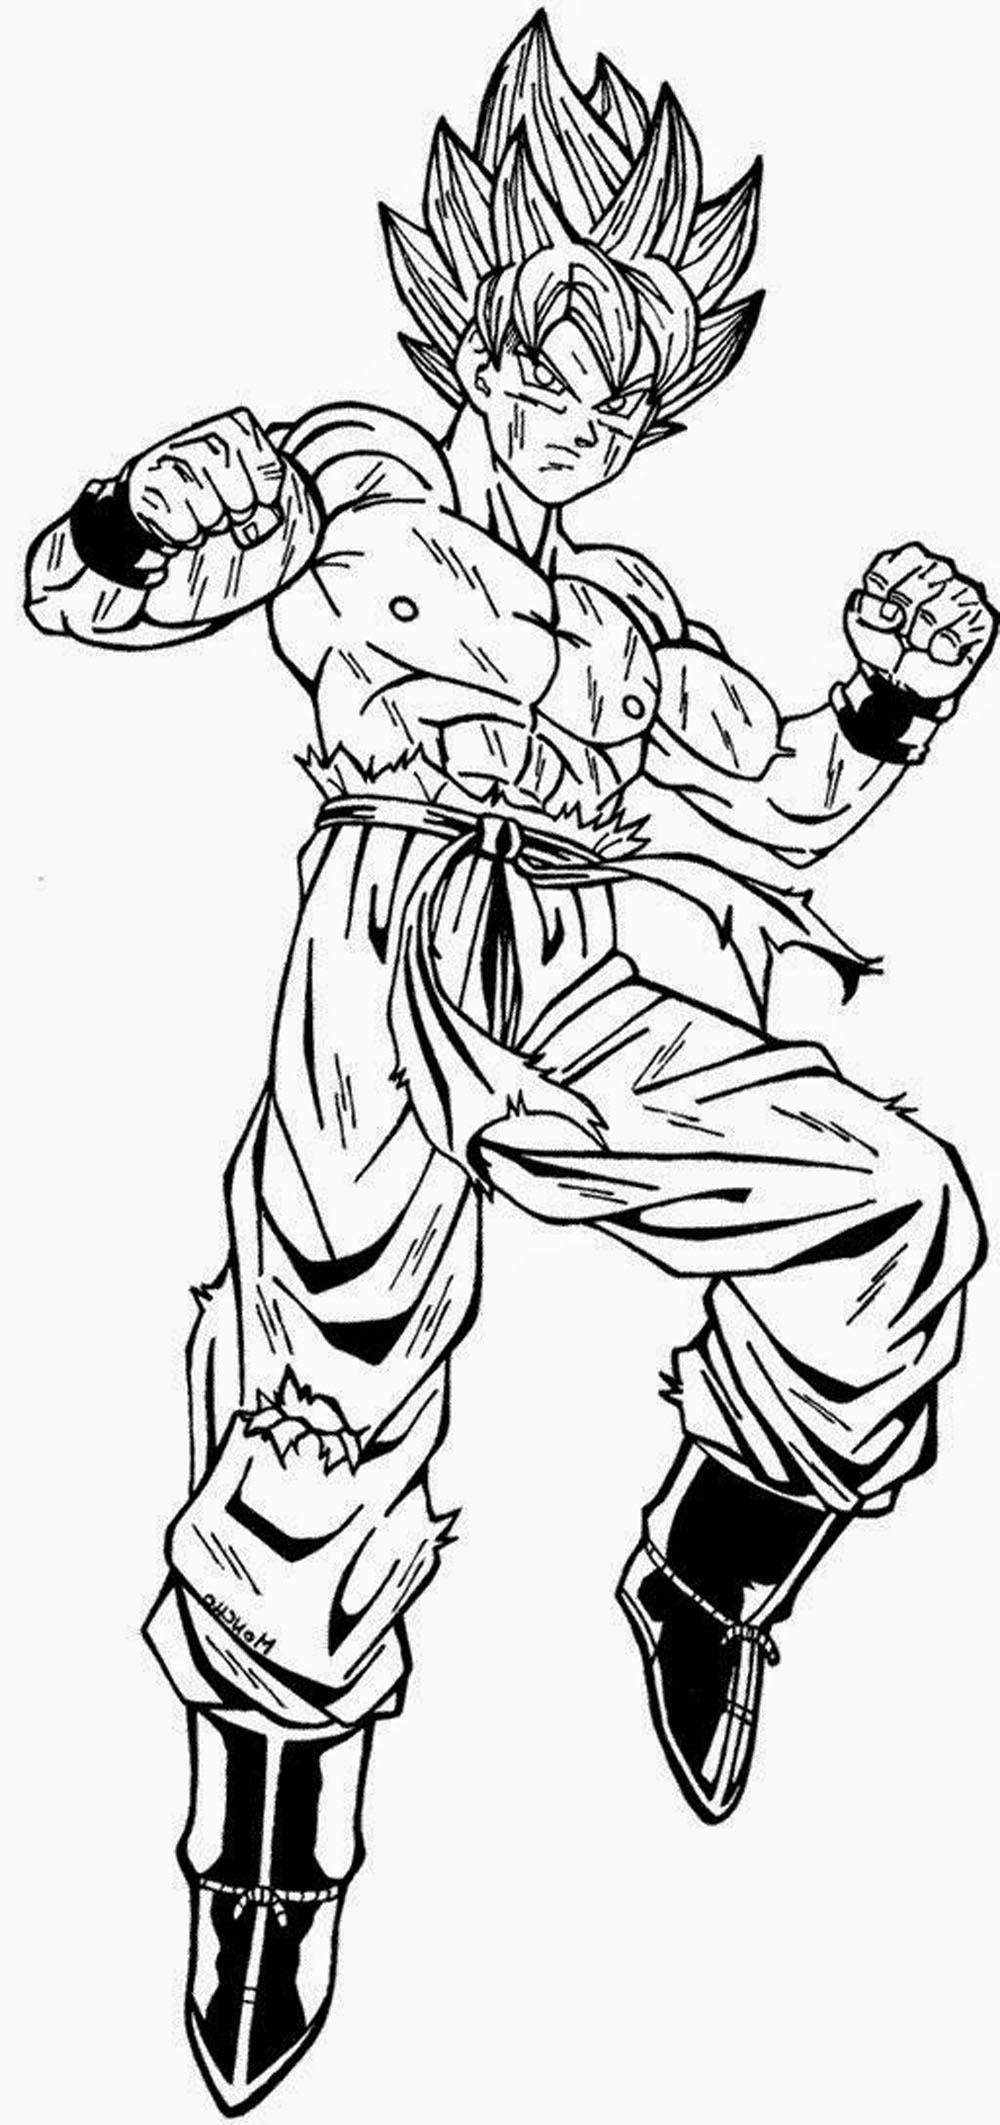 imagen para dibujar de goku en modo super sayajin dibujos de